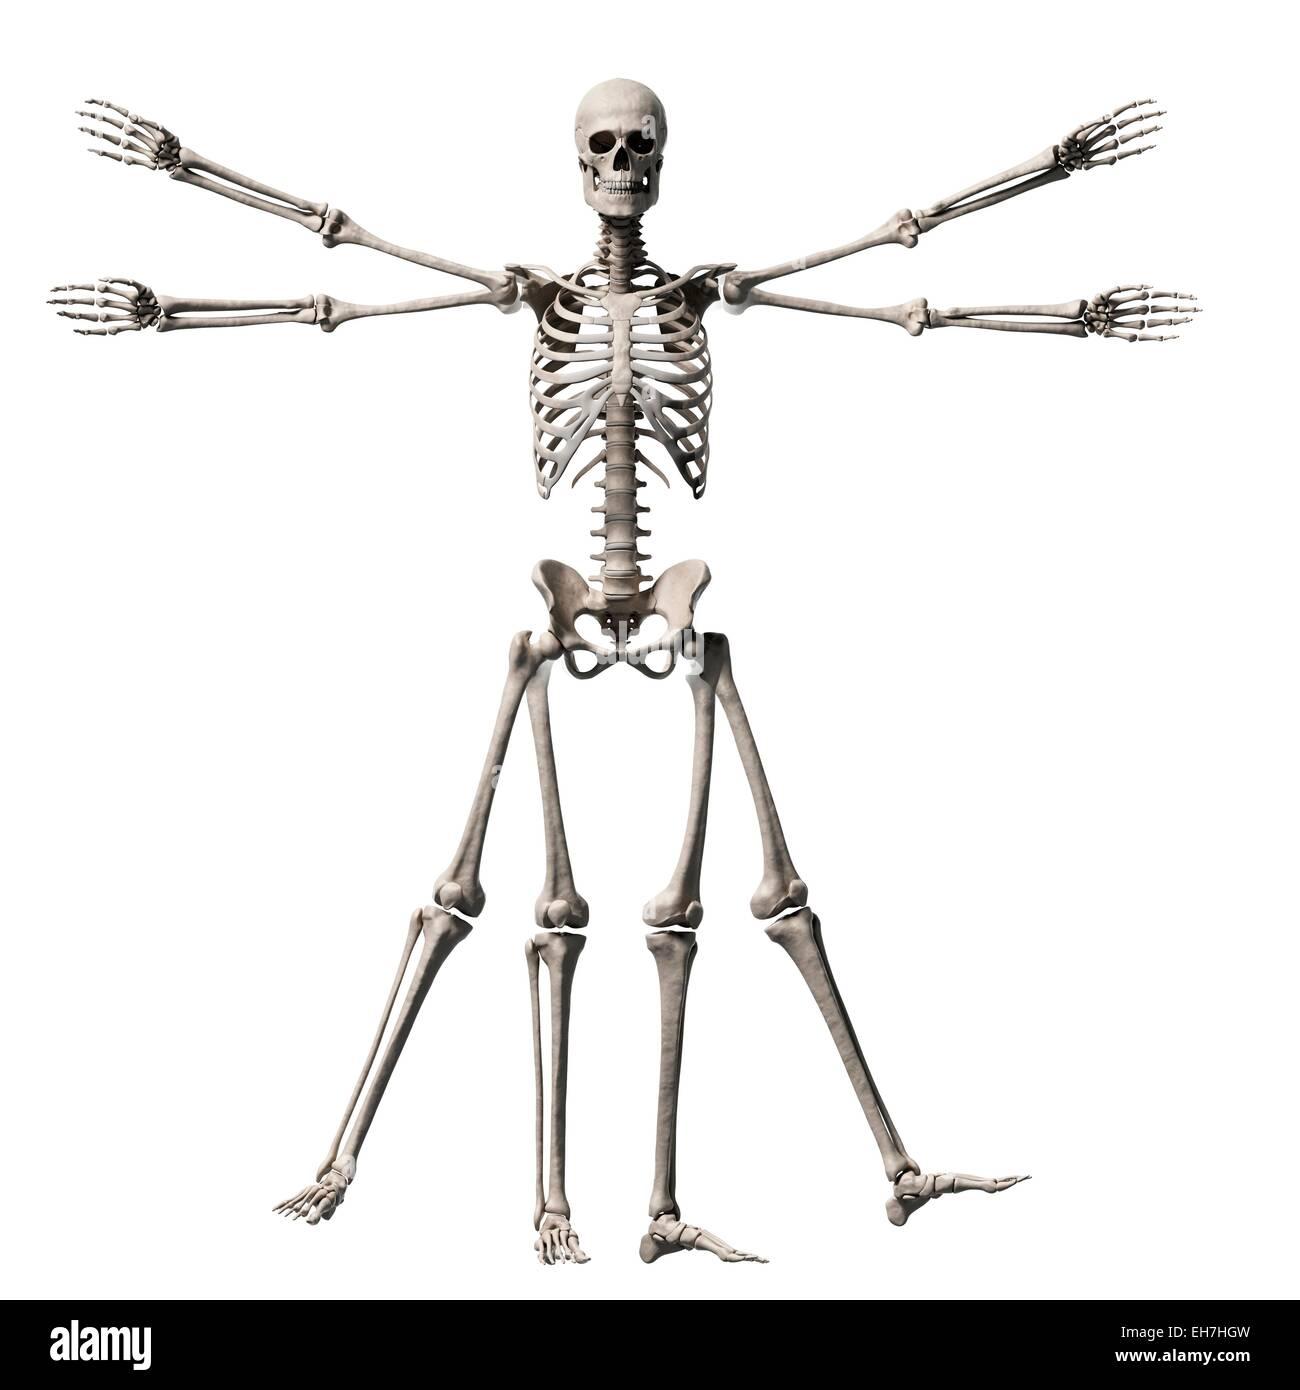 Fein Das Skelett System Zeitgenössisch - Anatomie Ideen - finotti.info